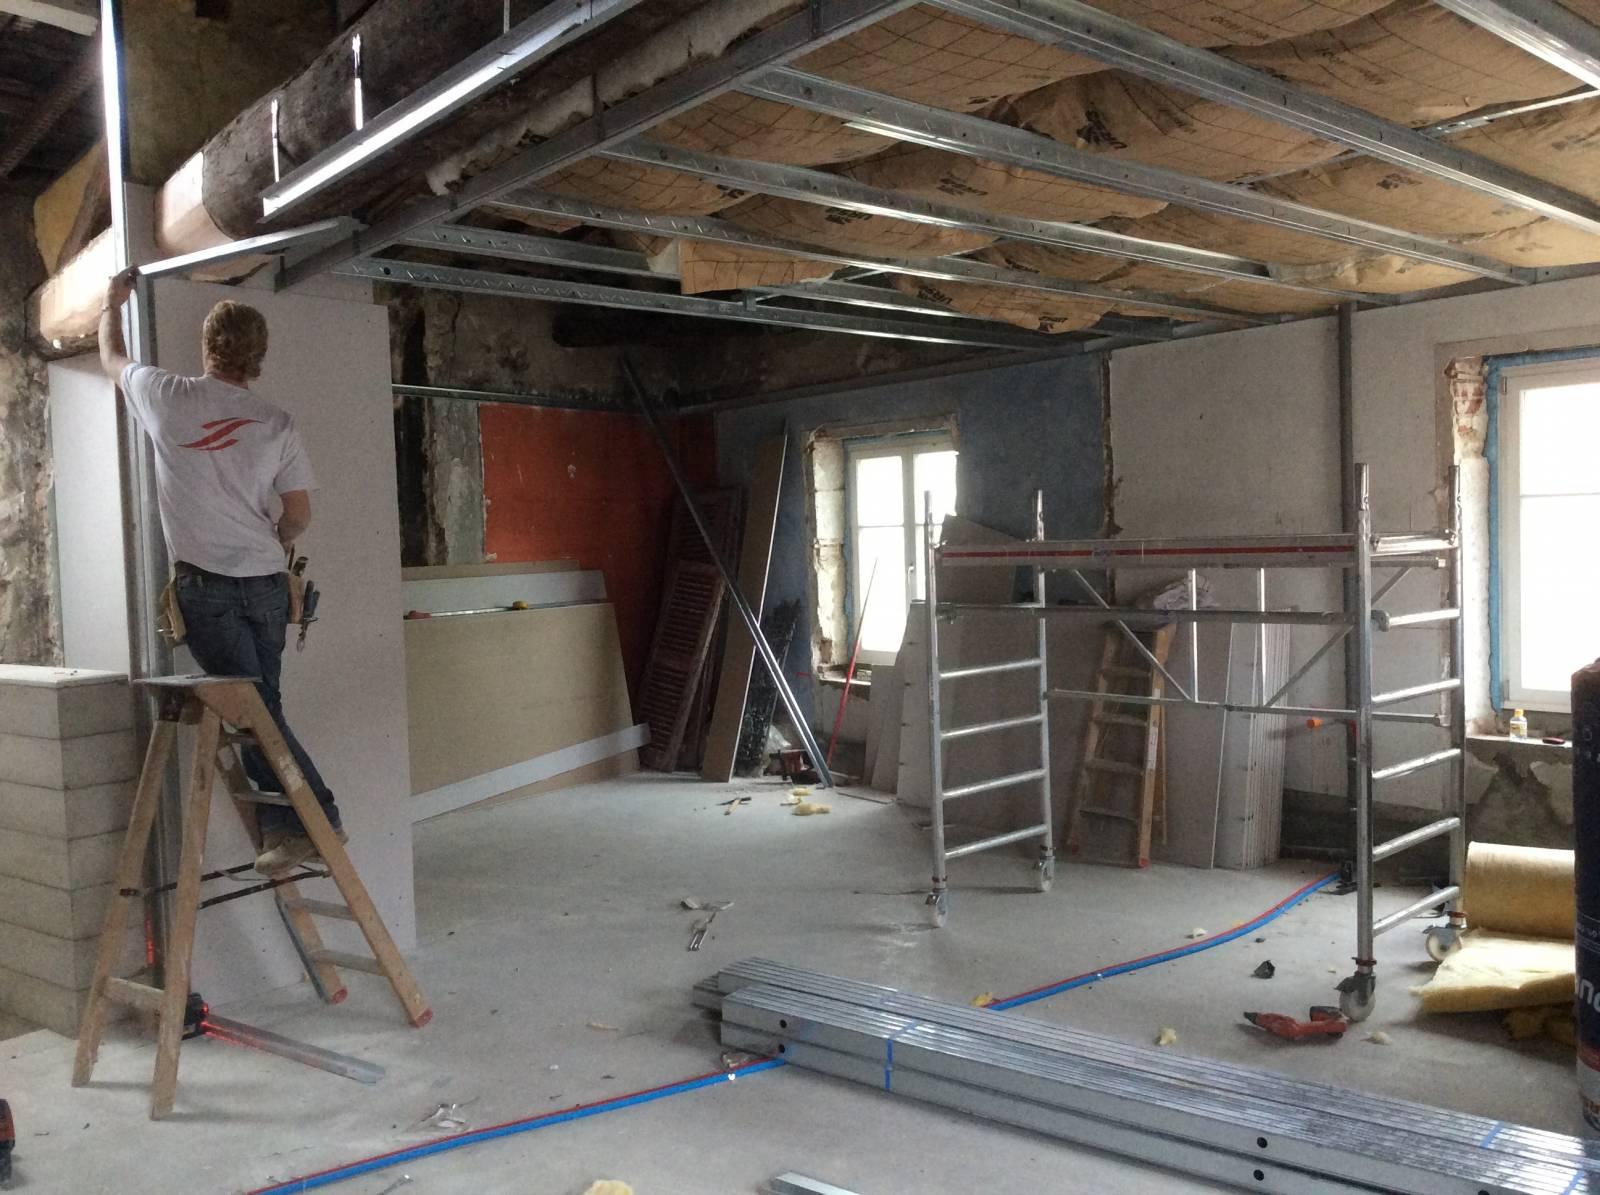 r nover votre appartement pour conomiser l nergie maitre d 39 oeuvre lyon travaux de. Black Bedroom Furniture Sets. Home Design Ideas